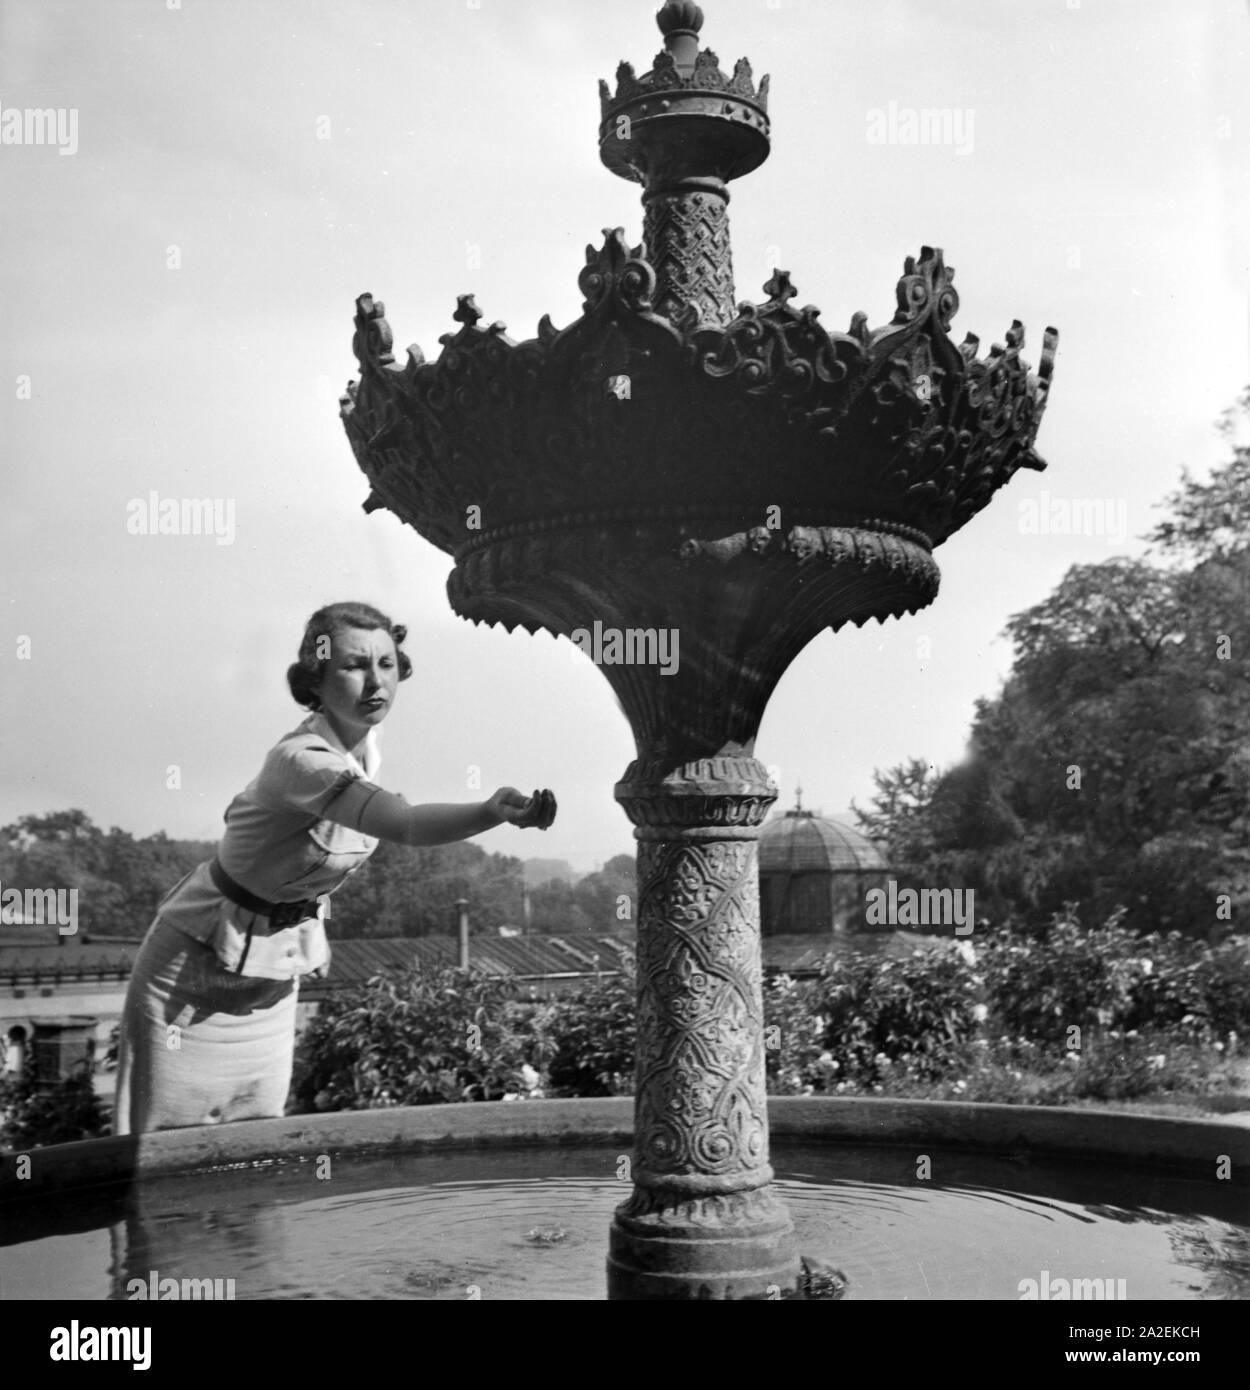 Frau am Springrbunnen vor der Maurischen Festhalle bei der Wilhelma in Stuttgart, Deutschland 1930er Jahre. Woman at a fountain near the Moorish hall at the Wilhelma gardens at Stuttgart, Germany 1930s. Stock Photo